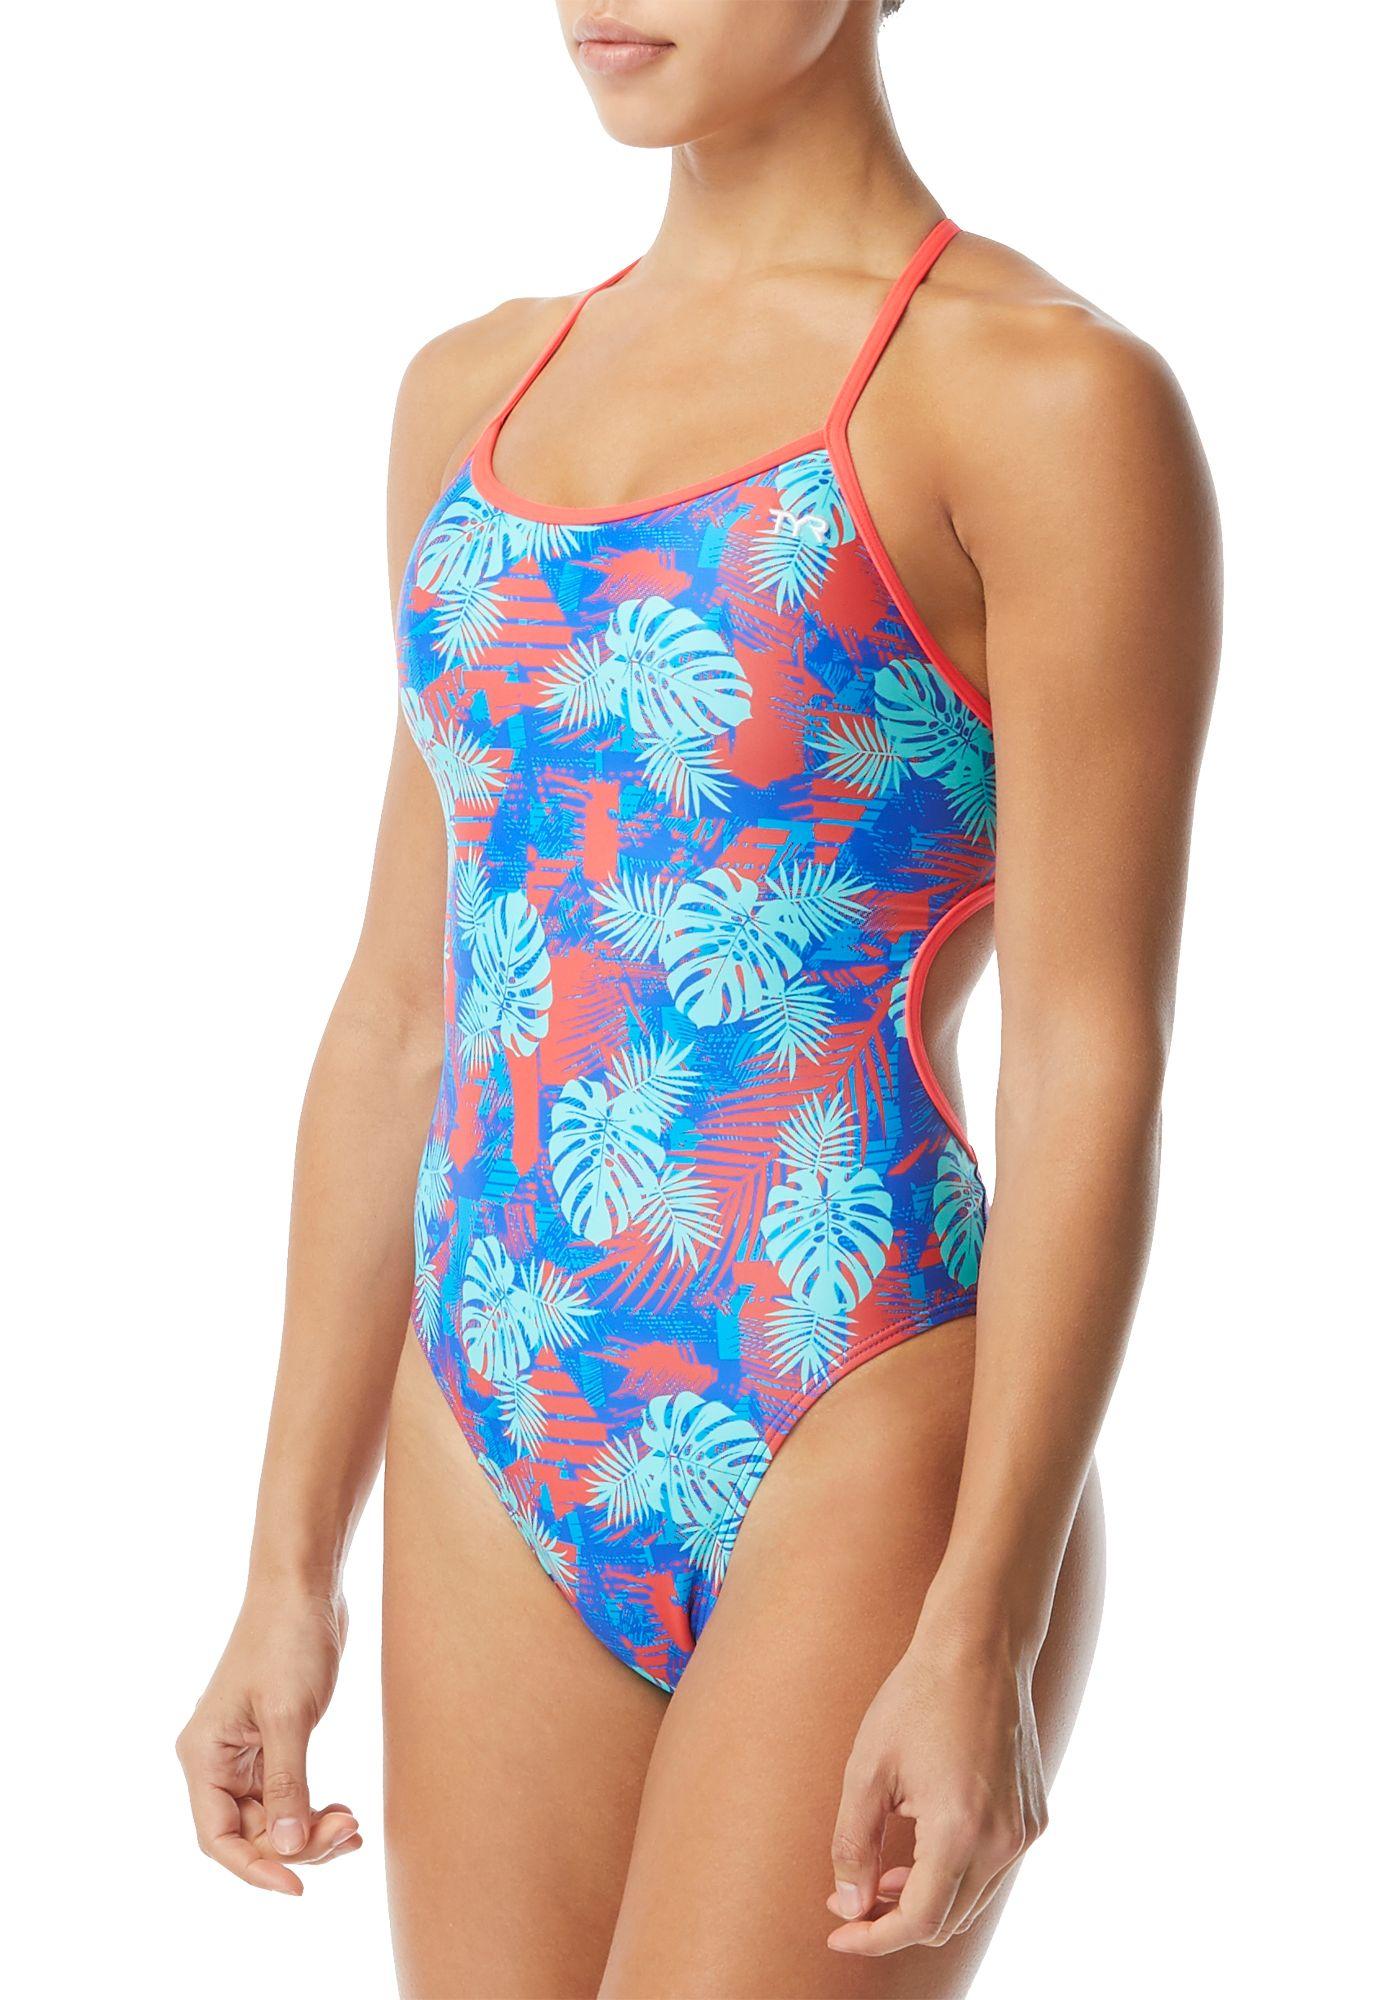 TYR Women's Tortuga Trinityfit One Piece Swimsuit